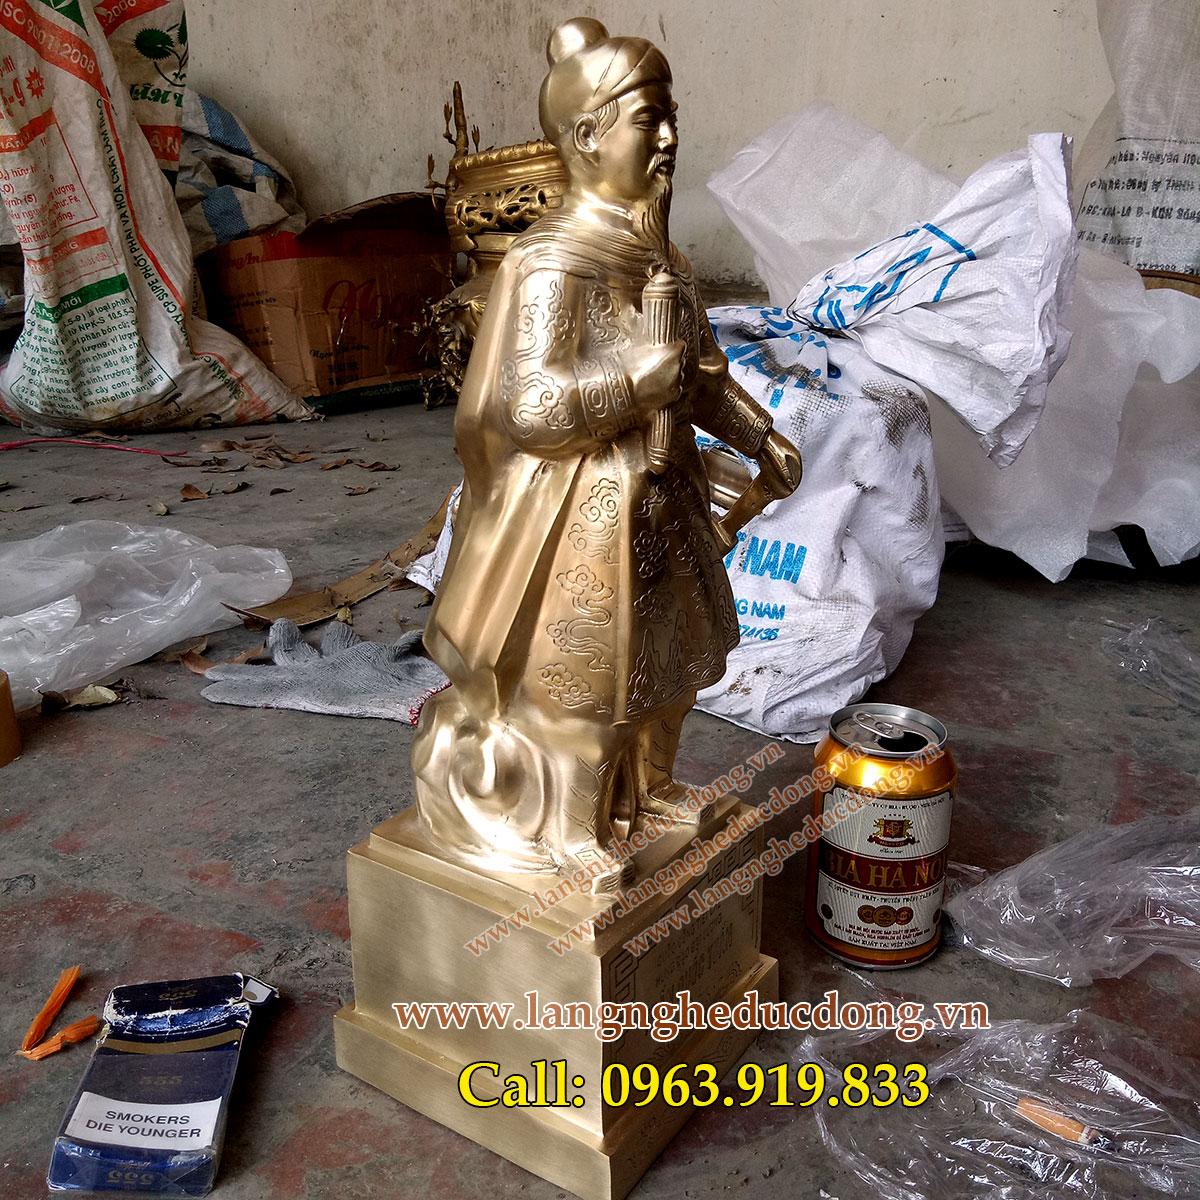 langngheducdong.vn - tượng trần hưng đạo, đúc tượng trần hưng đạo bằng đồng, quà tặng trần hưng đạo